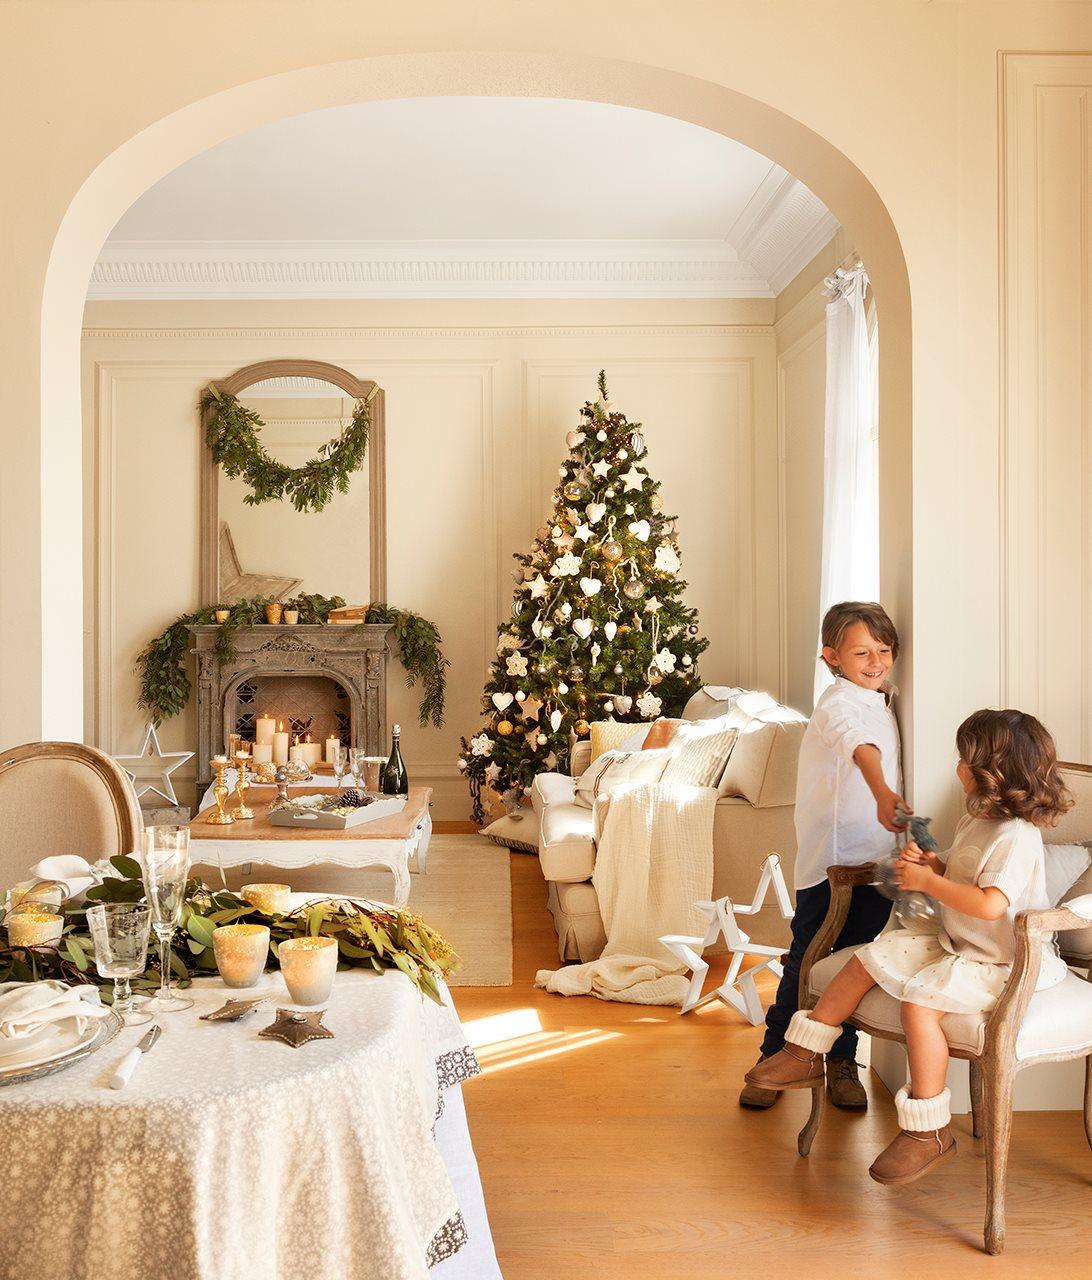 Decoraci n navide a de una casa con estilo n rdico for Decoracion de salon navideno